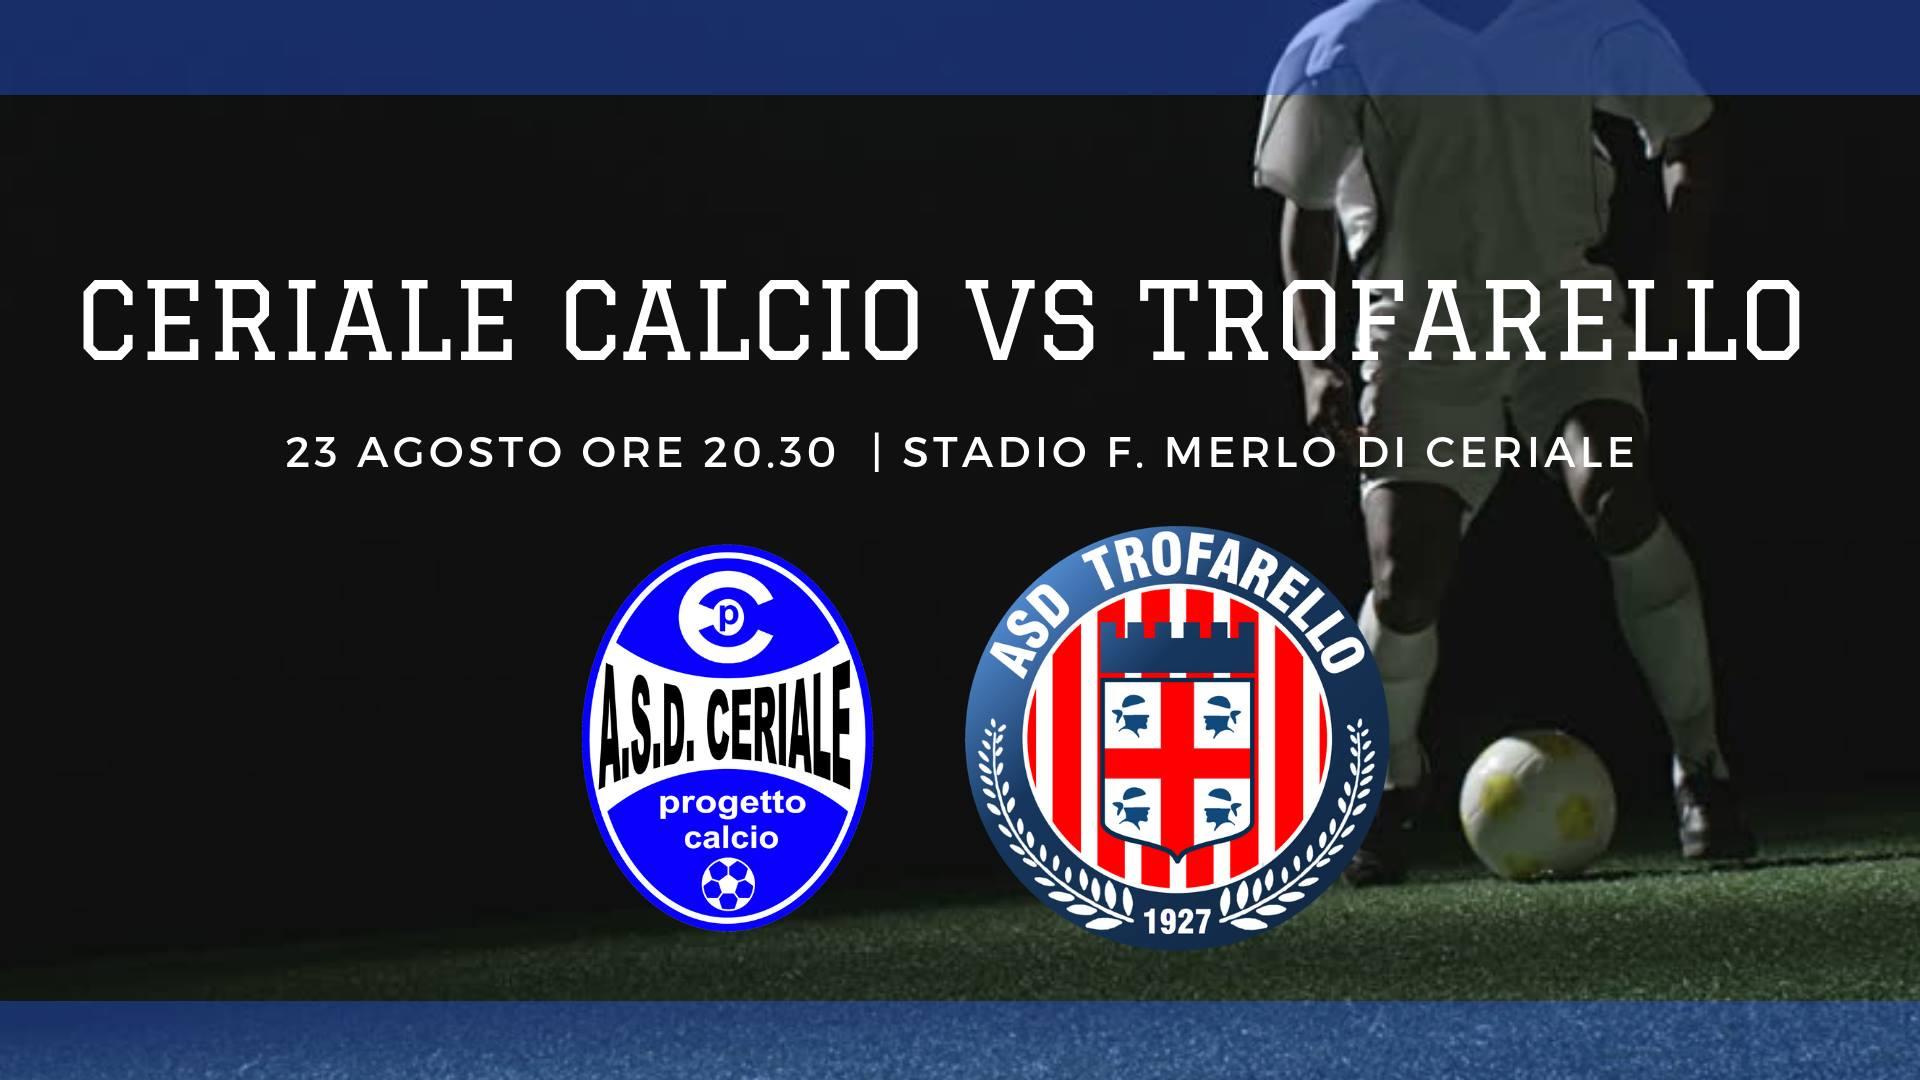 TROFARELLO – Amichevole della squadra di calcio contro il Ceriale